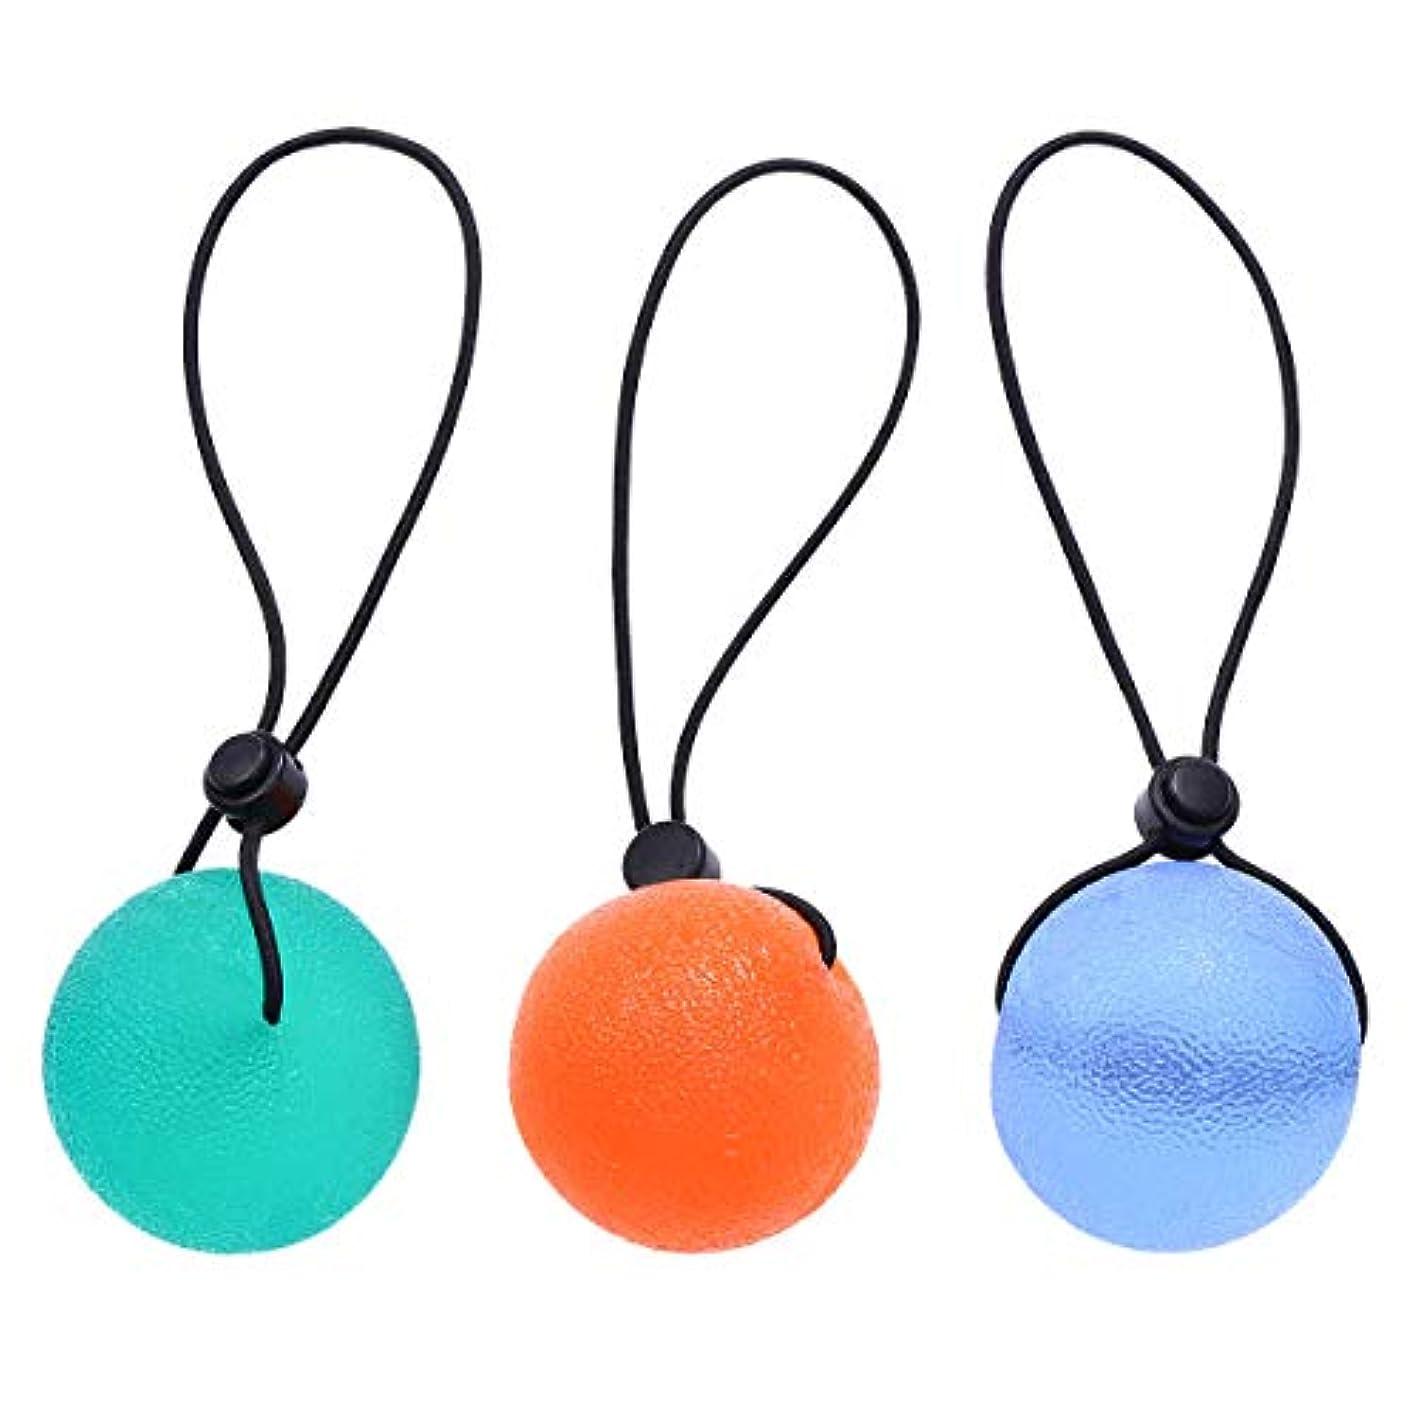 取る雄大な合法HEALIFTY ストレスリリーフボール、3本の指グリップボールセラピーエクササイズスクイズ卵ストレスボールストリングフィットネス機器(ランダムカラー)